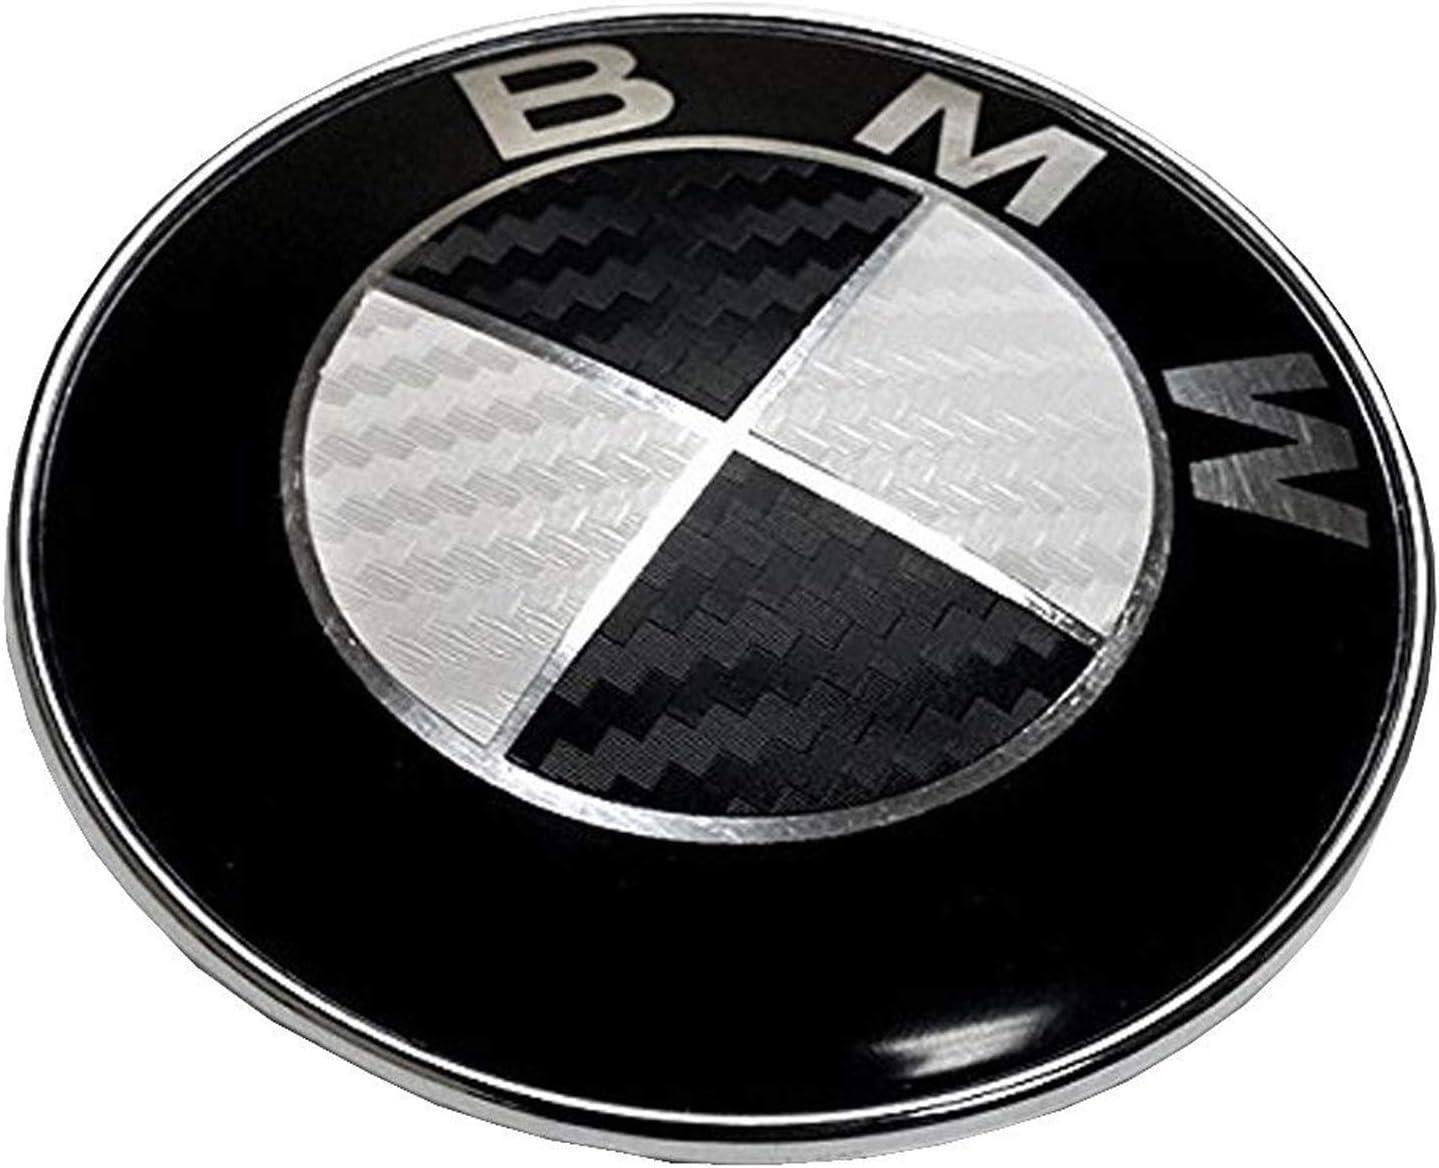 Kohlefaser Schwarz YEOOL 82mm und 74mm Emblem Embleme Haube Logo Badge Ersatz f/ür B M W Motorhaube und Kofferraum Vorne Hinten Plakette E46 E90 E90 LCI